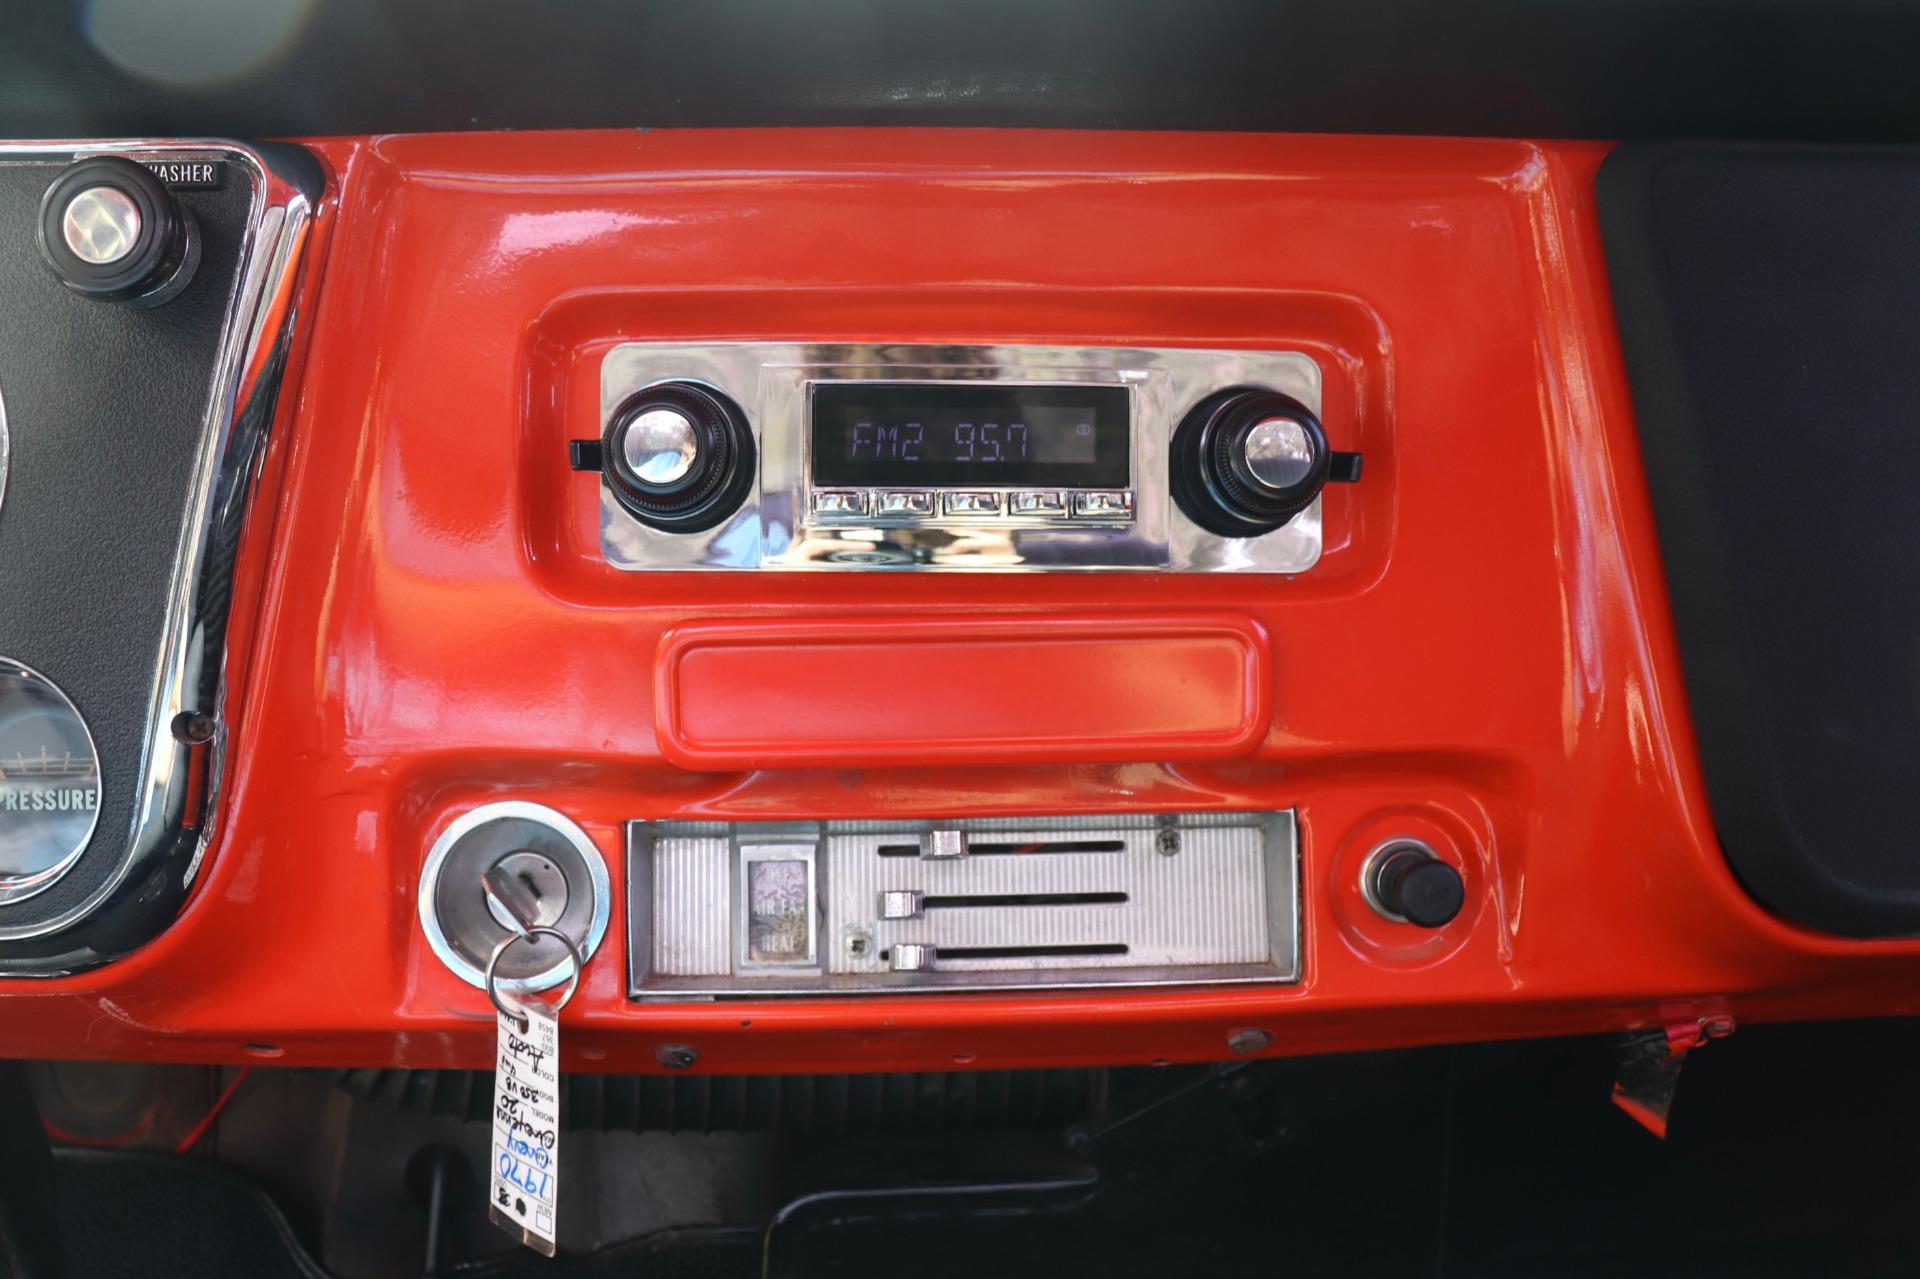 Used-1970-Chevrolet-Cheyenne-20